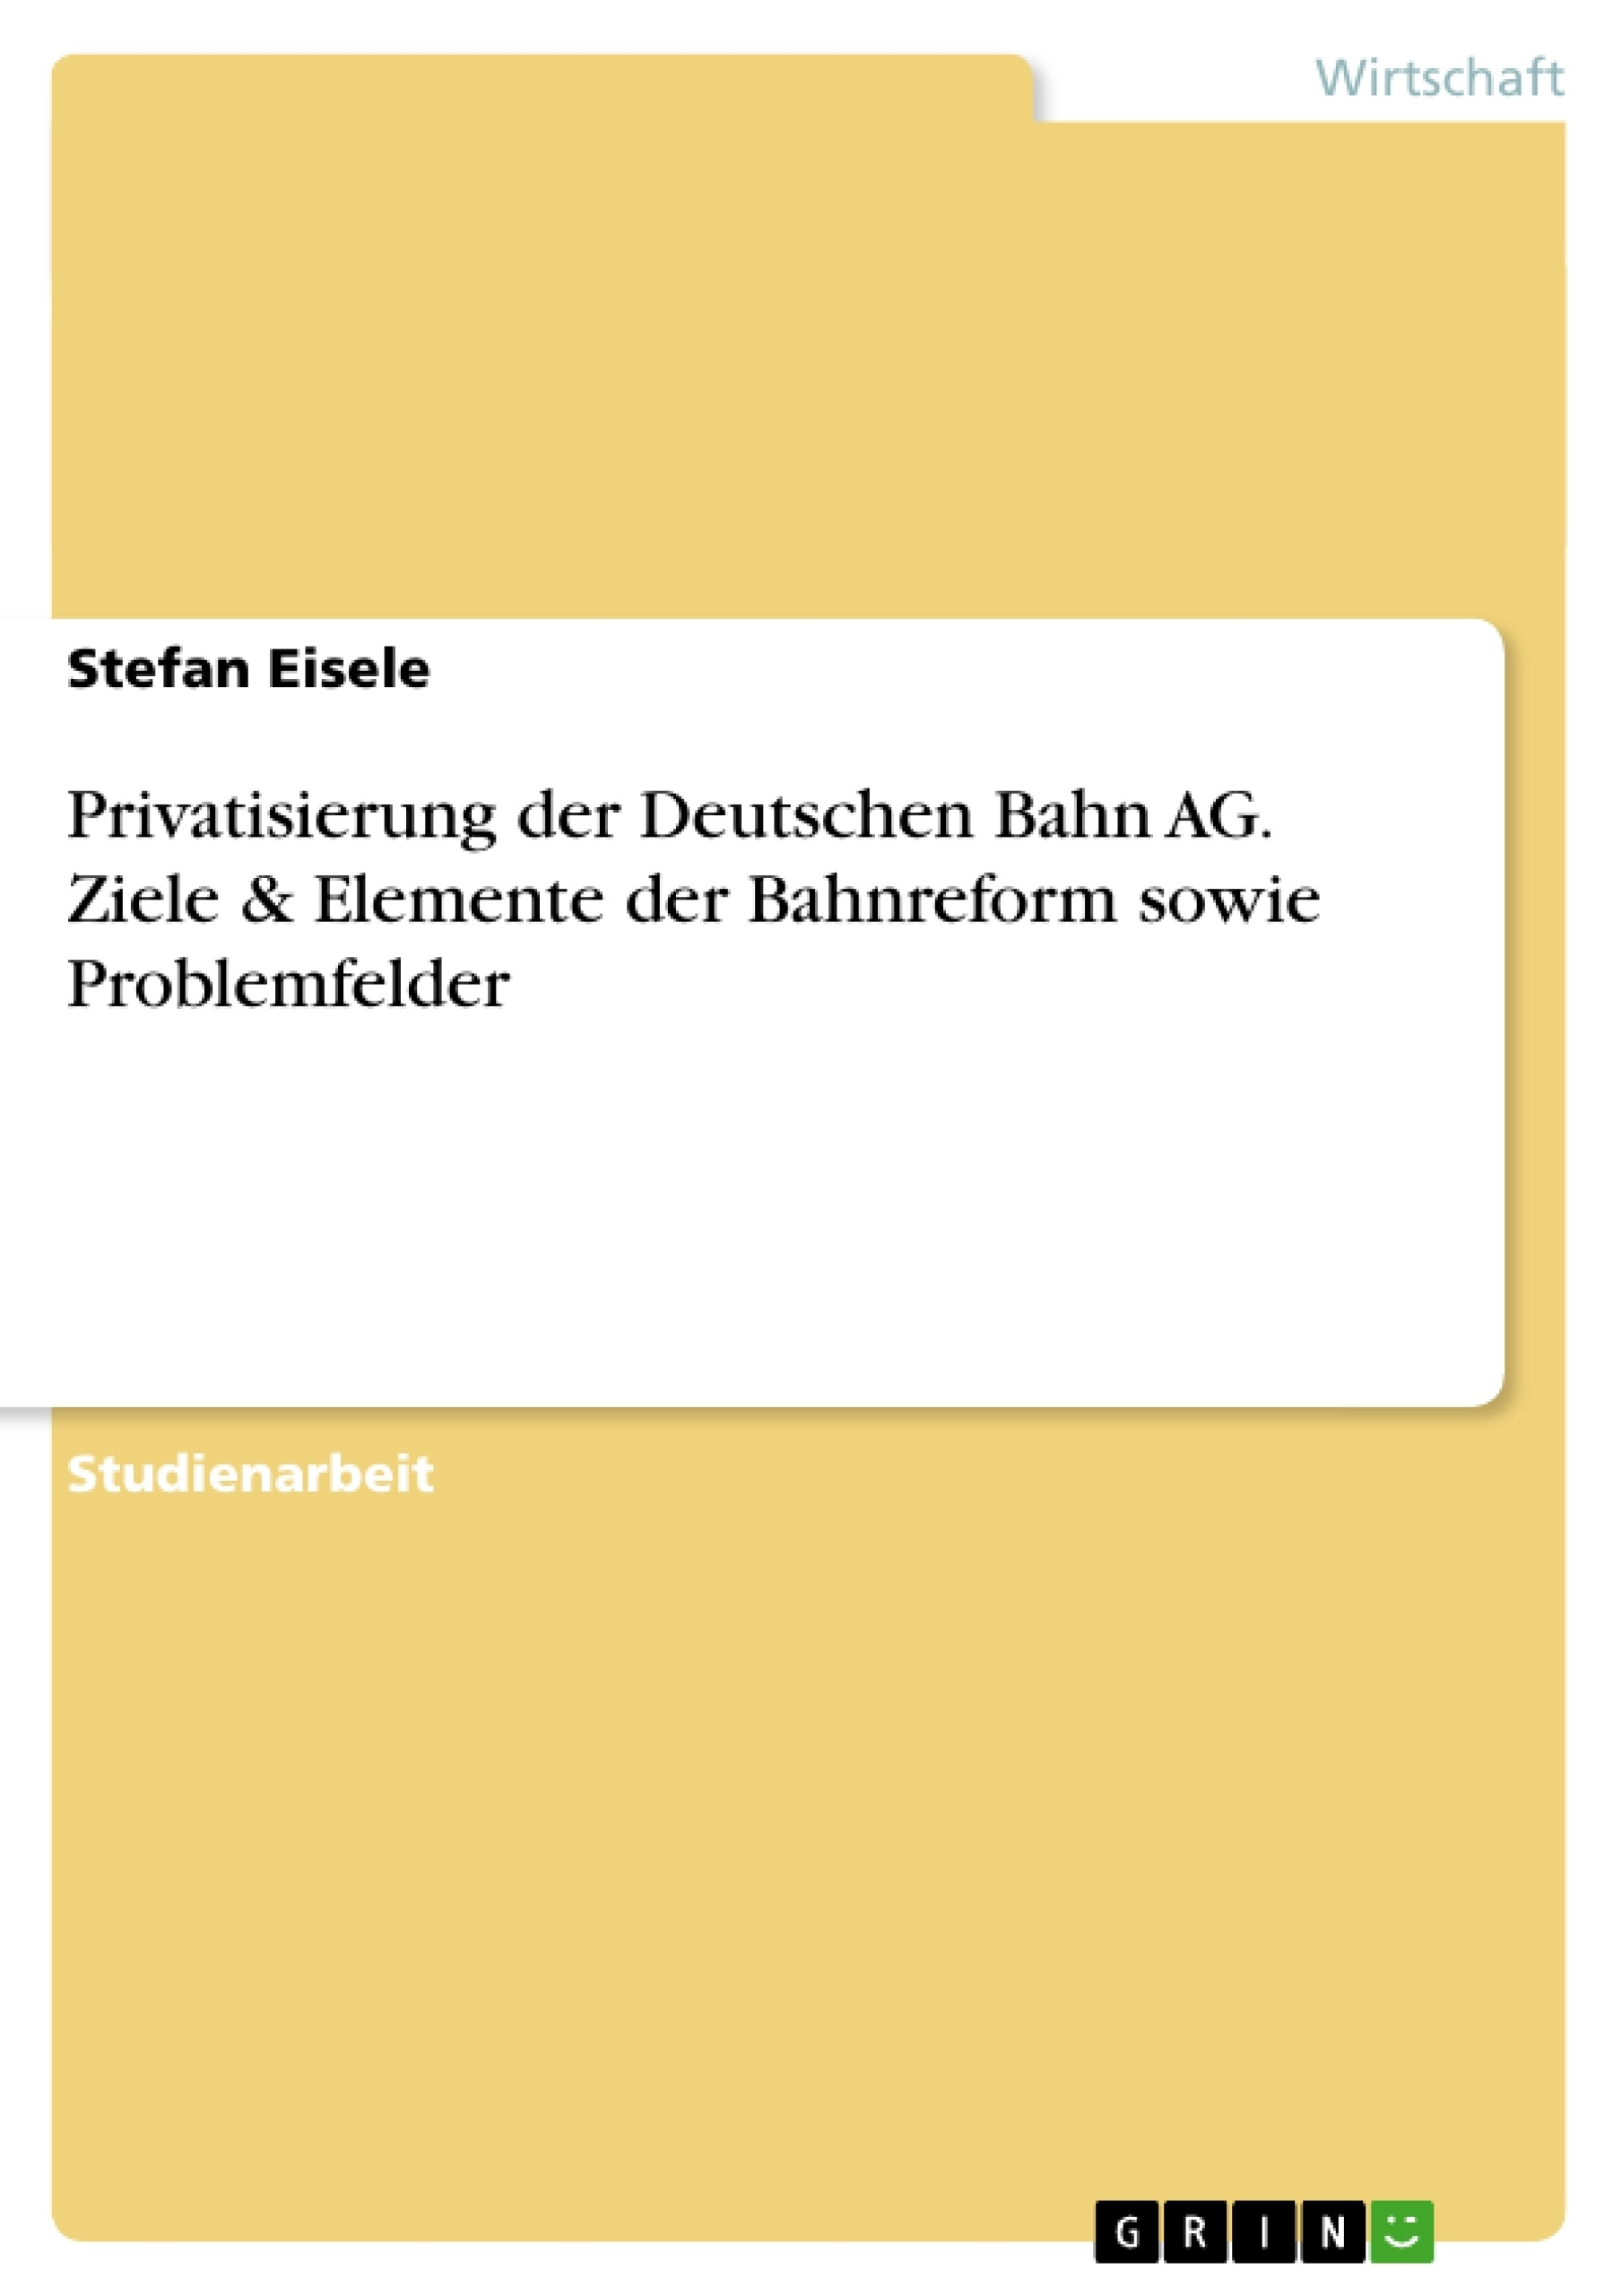 Titel: Privatisierung der Deutschen Bahn AG. Ziele & Elemente der Bahnreform sowie Problemfelder